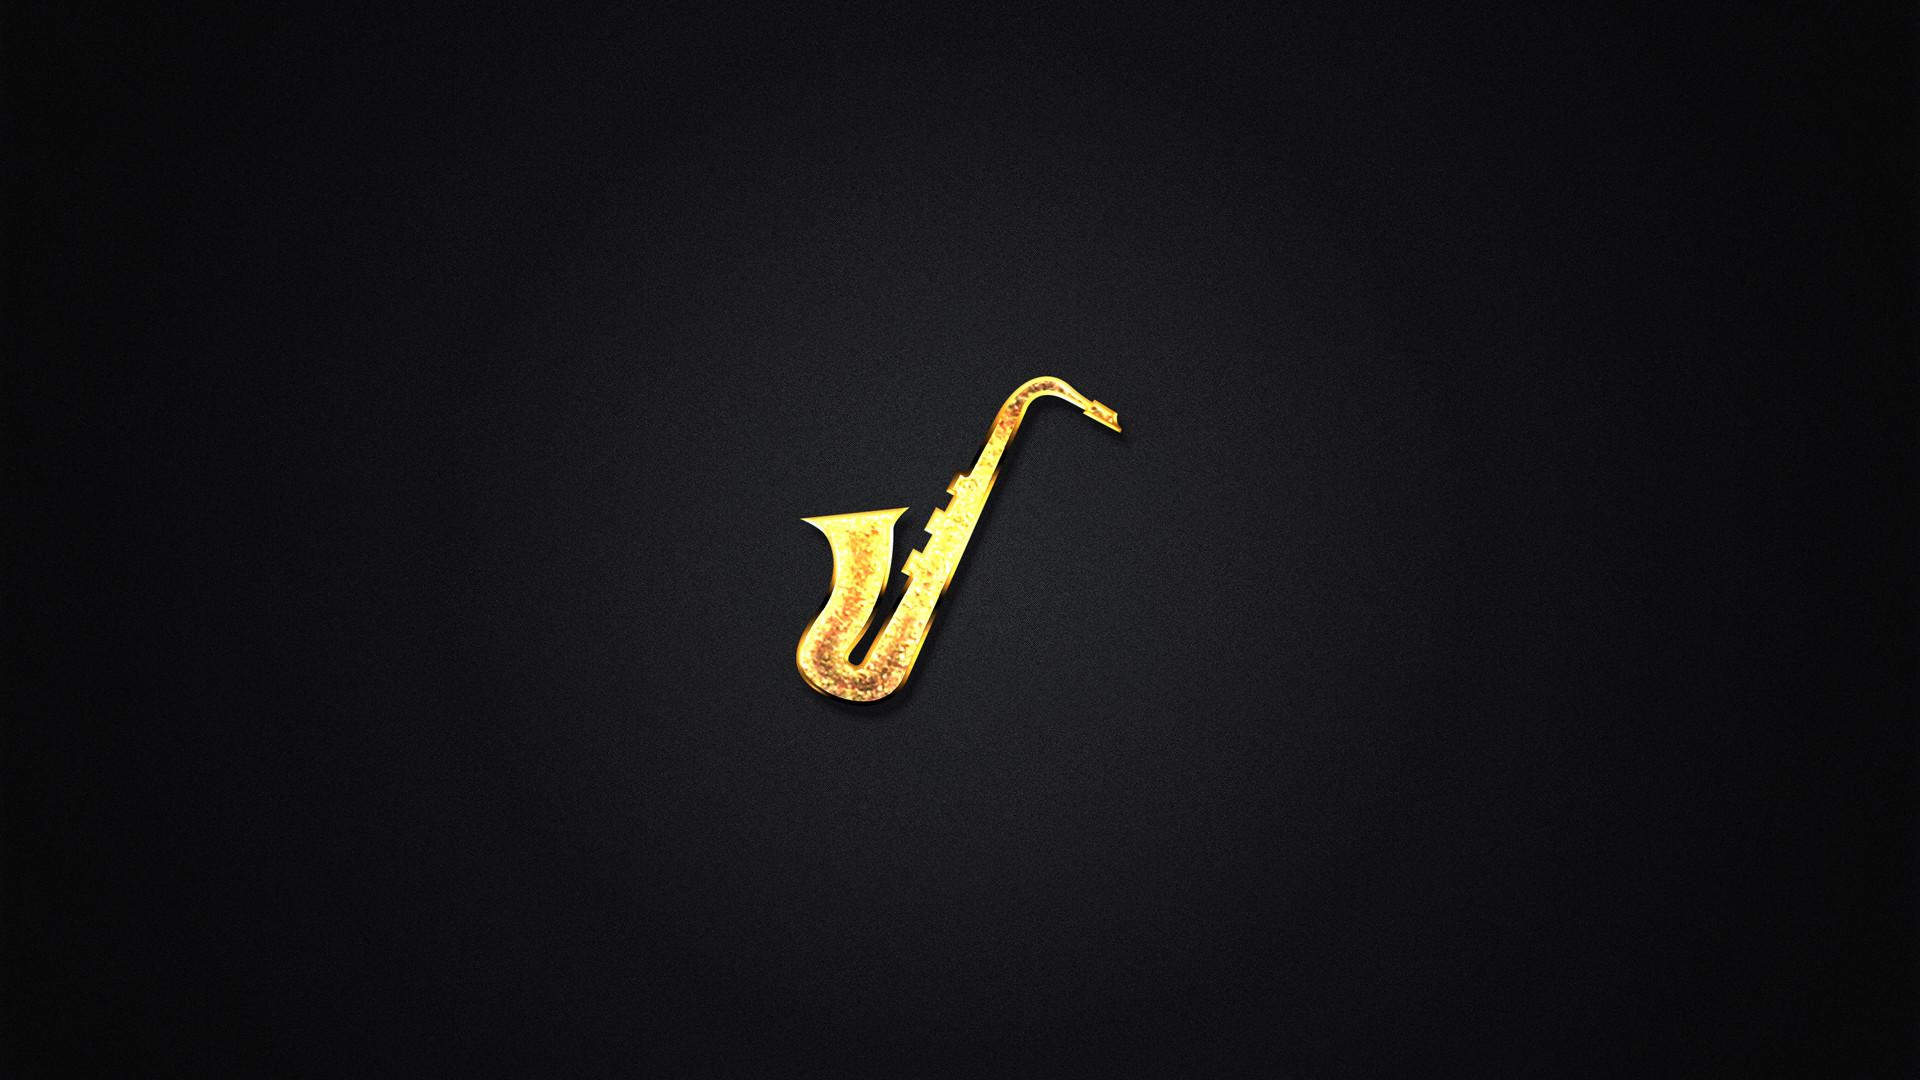 黑色极简主义创意设计萨克斯PPT背景图片免费下载是由PPT宝藏(www.pptbz.com)会员zengmin上传推荐的简约PPT背景图片, 更新时间为2017-01-21,素材编号120477。 萨克斯是以发明者的名字命名的木管乐器,音色介于木管乐器和铜管乐器之间。生活在十九世纪的萨克斯先生(1814-1894)是比利时著名的乐器生产者和发明家。 应用谱号 :高音谱号,根据乐器本调移调记谱 音,次中音),bE( 中音,上低音) 实用音域 :两个半八度 结构组成 :金属制抛物线性圆锥管体,与单簧管类似的哨